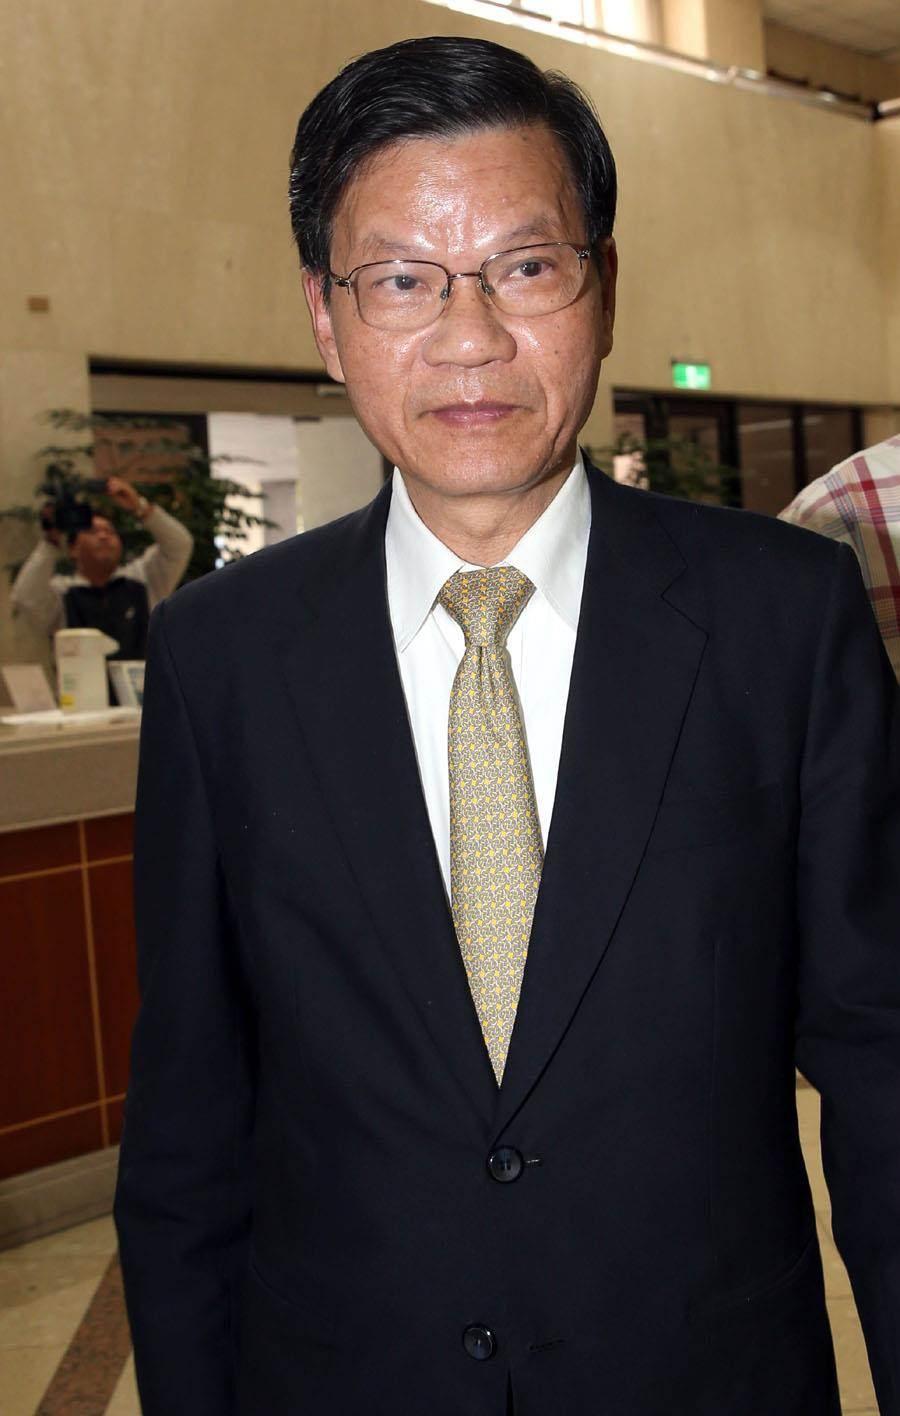 中研院表示,翁啟惠向總統府請假到14日,15日會恢復公務行程。(本報資料照片)